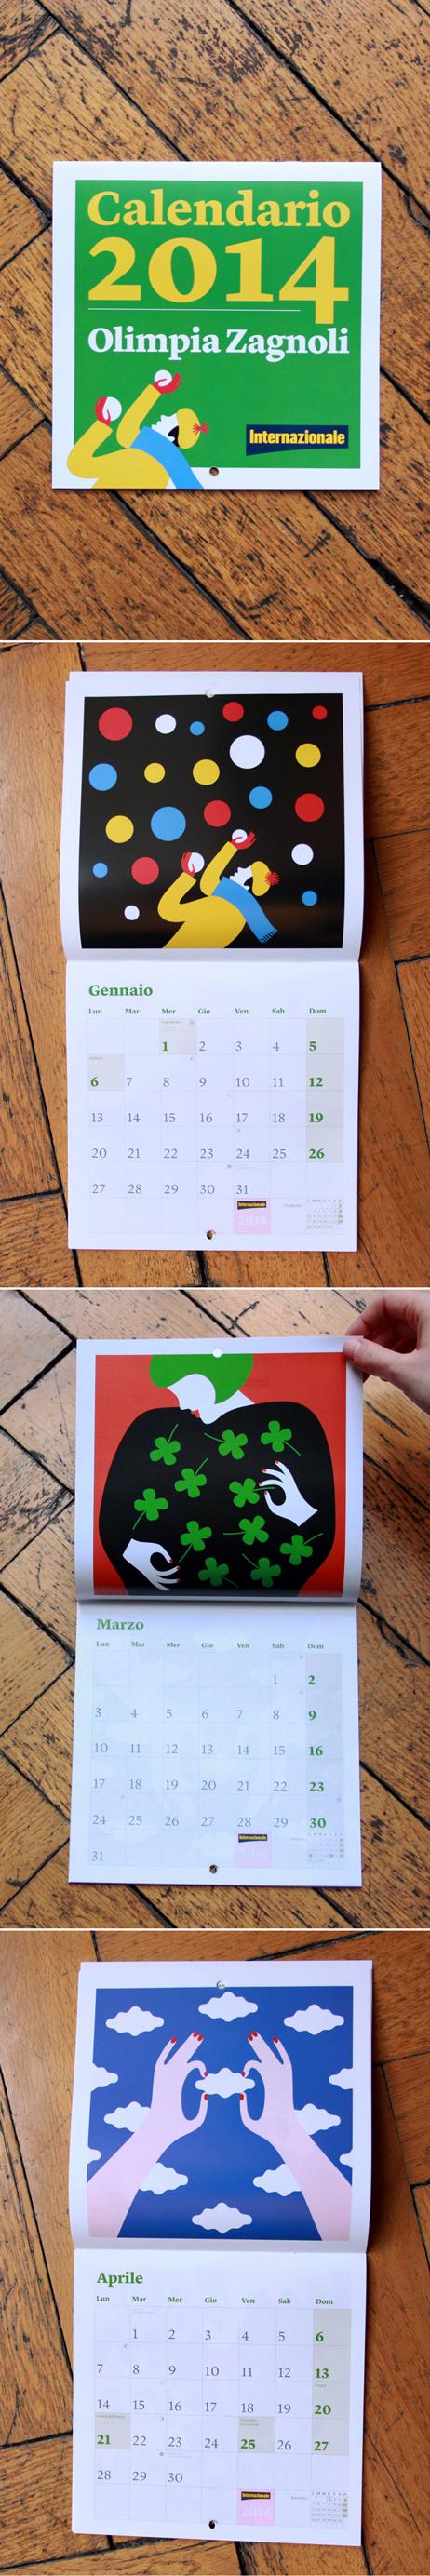 Calendario Internazionale.Un Anno A Colori La Stanza Dei Grafici Internazionale